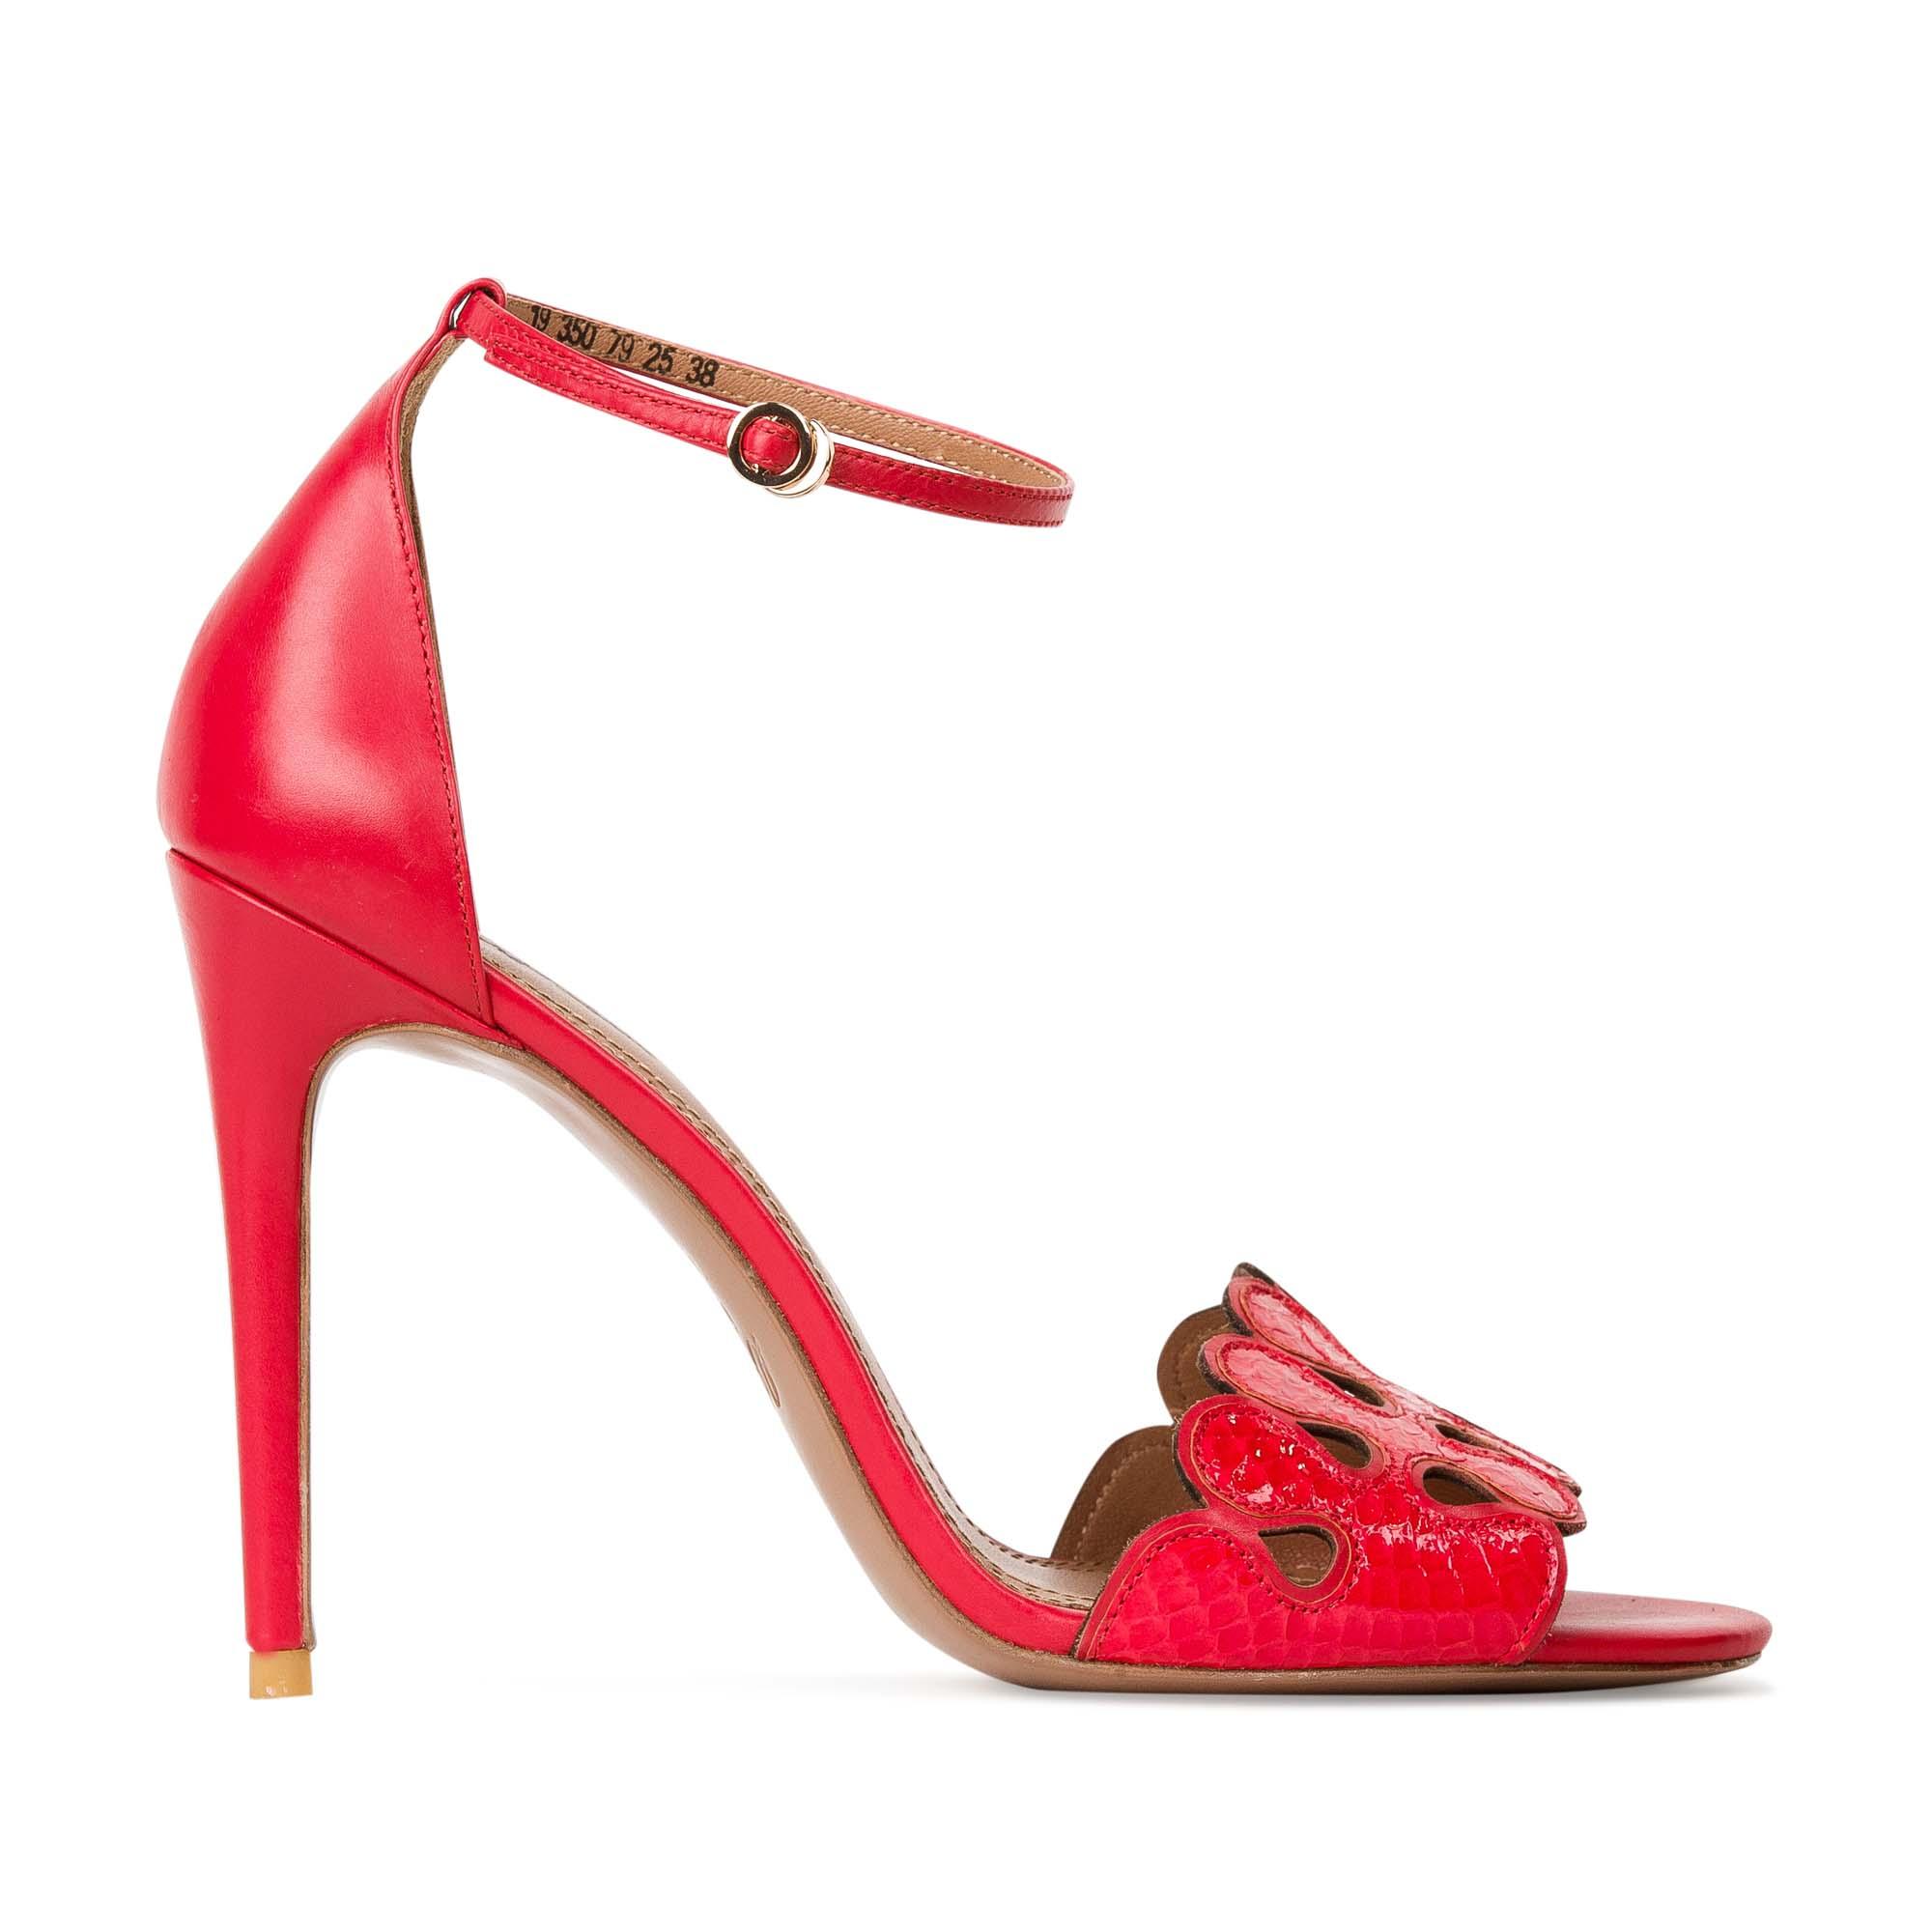 Босоножки из красной кожи со змеиным принтомТуфли женские<br><br>Материал верха: Кожа змеи<br>Материал подкладки: Кожа<br>Материал подошвы: Кожа<br>Цвет: Красный<br>Высота каблука: 10 см<br>Дизайн: Италия<br>Страна производства: Китай<br><br>Высота каблука: 10 см<br>Материал верха: Кожа змеи<br>Материал подкладки: Кожа<br>Цвет: Красный<br>Вес кг: 0.38000000<br>Размер обуви: 39*